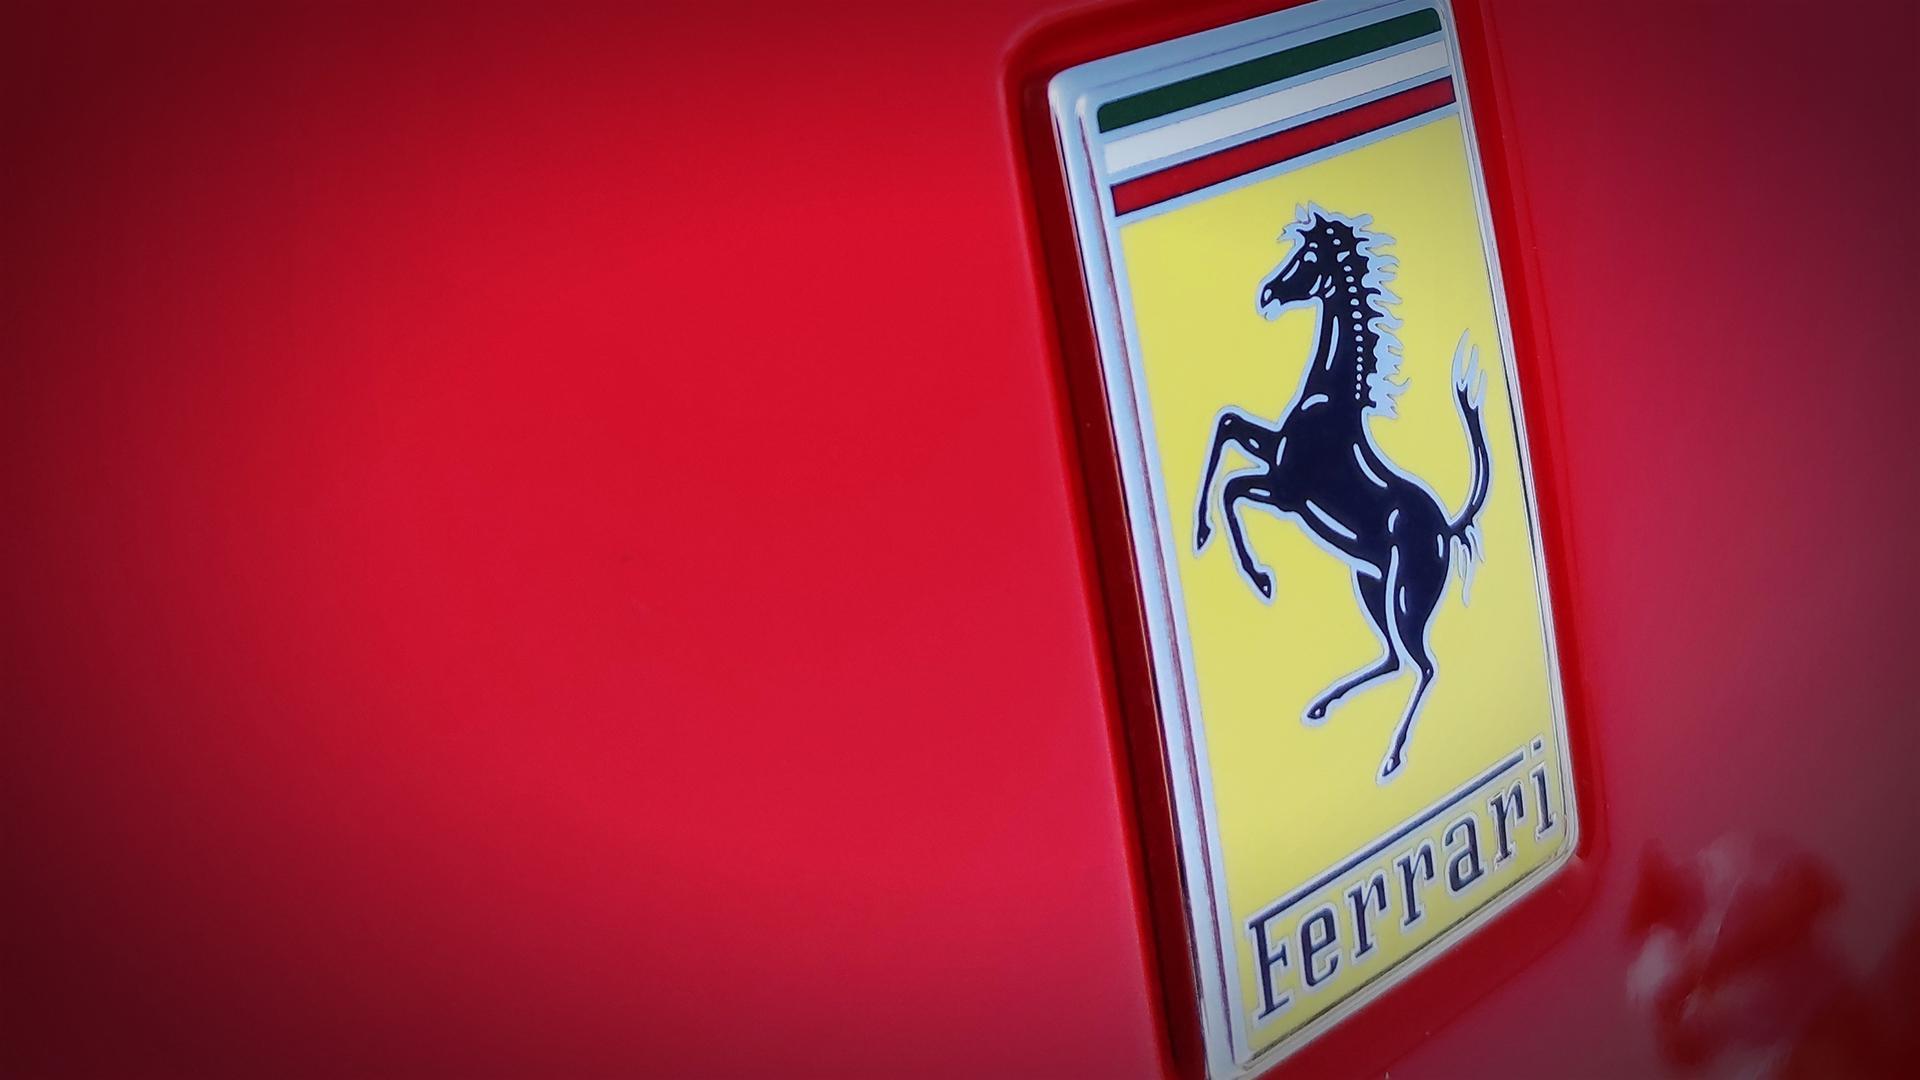 fabio-barone-ferrari-f8-tributo-ferrari-guinness-world-record-2021-test-(1)